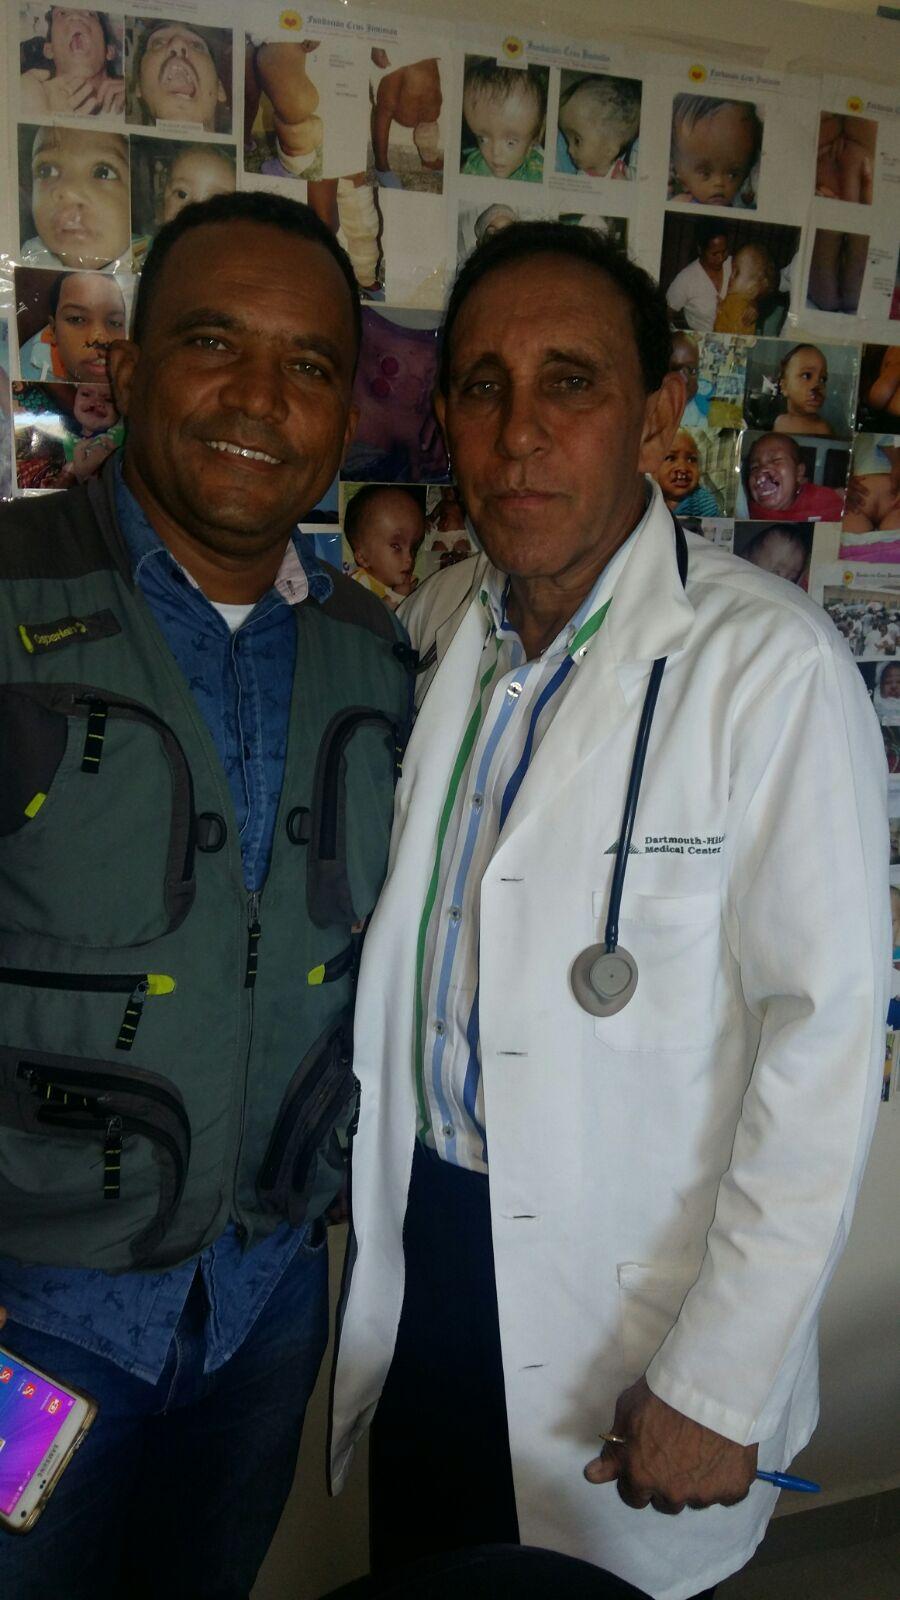 Dr. Cruz Jiminian